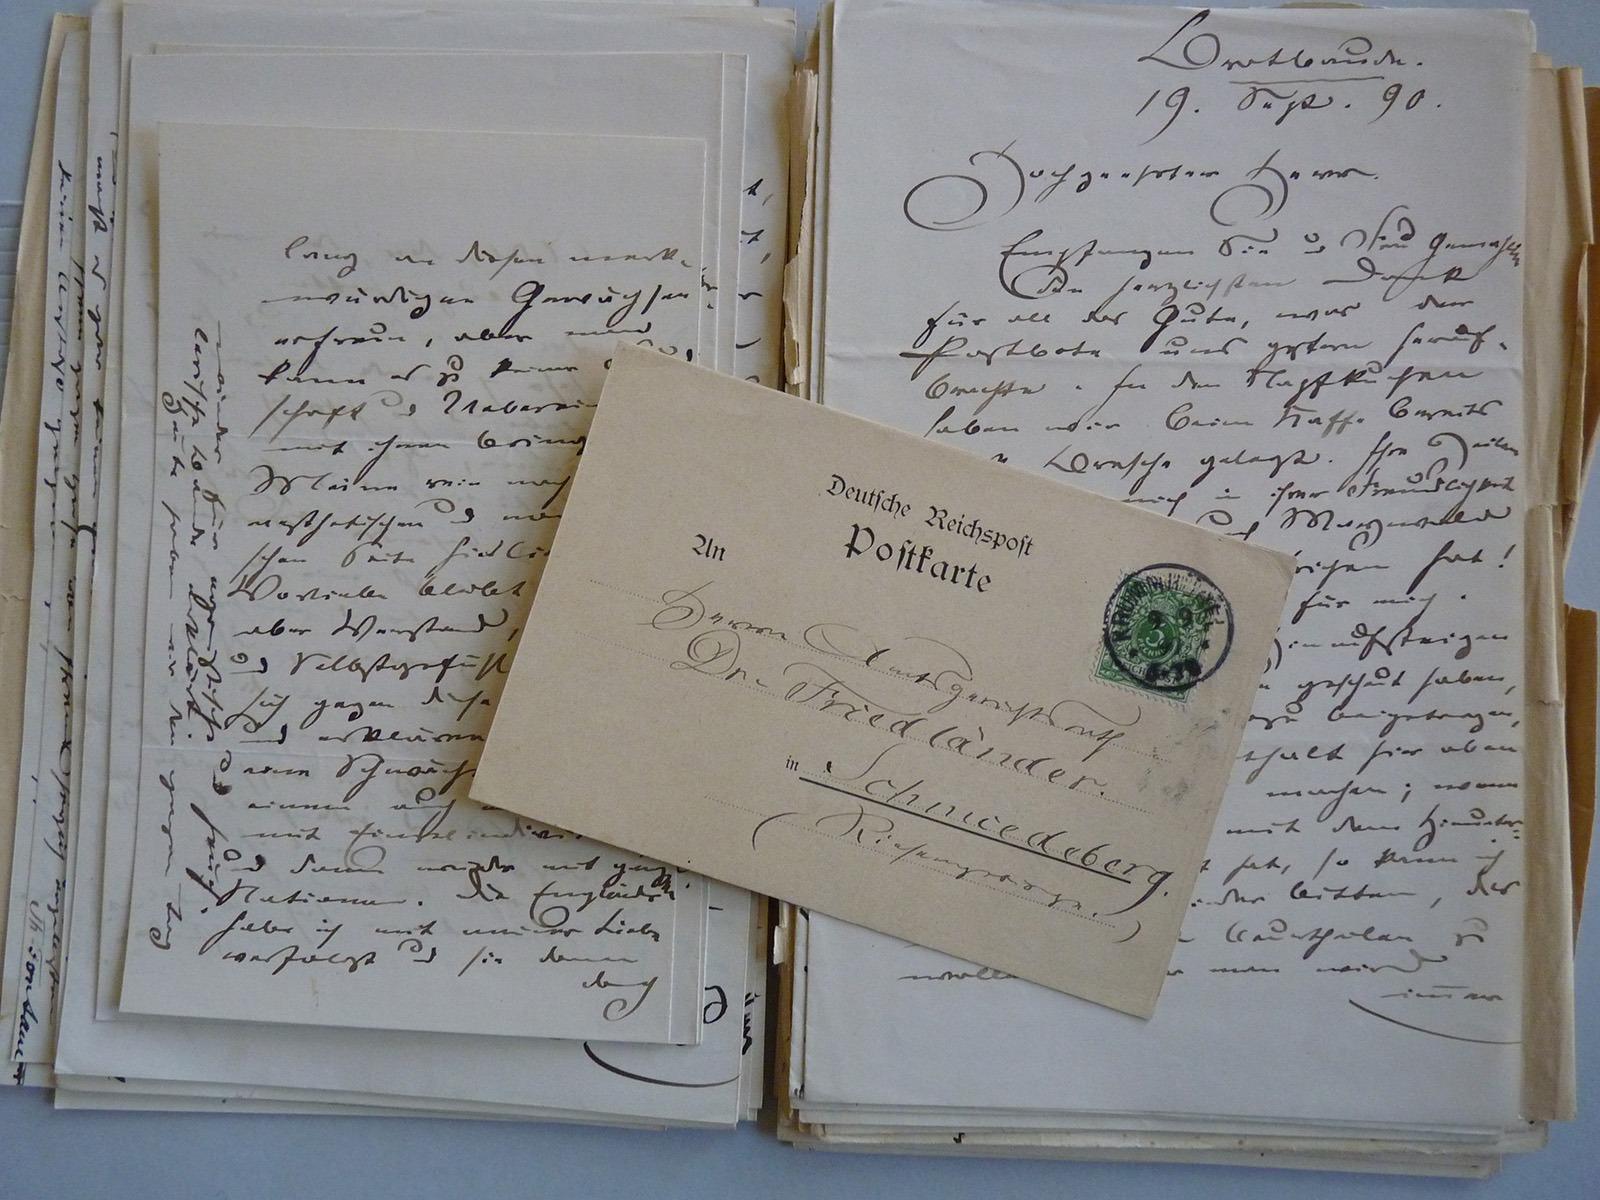 Briefe von Theodor Fontane an Georg Friedlaender